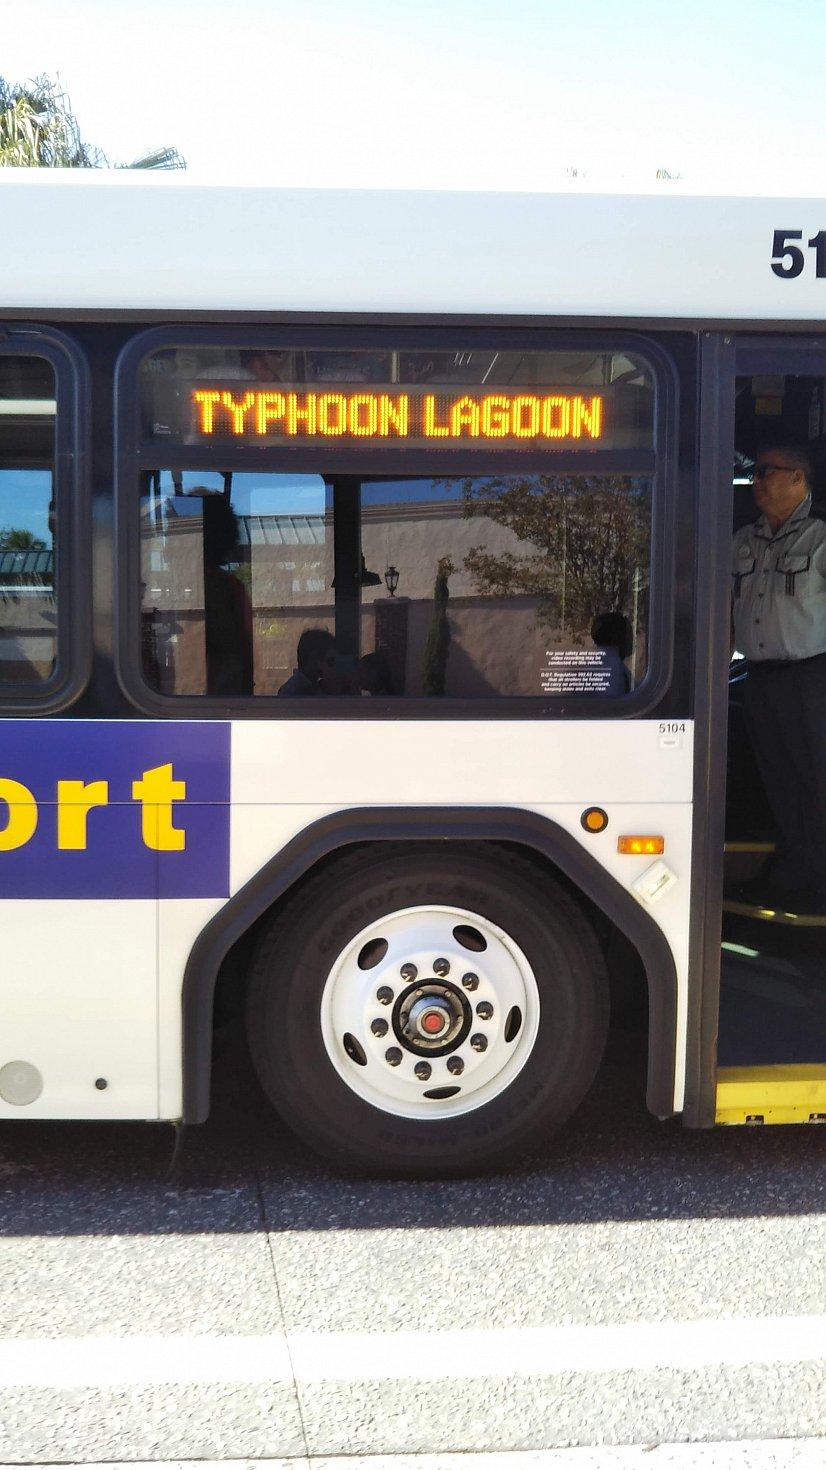 バスが来たので向かいます。オープン時間にちょうど良い時間のバスは割と混んでる。